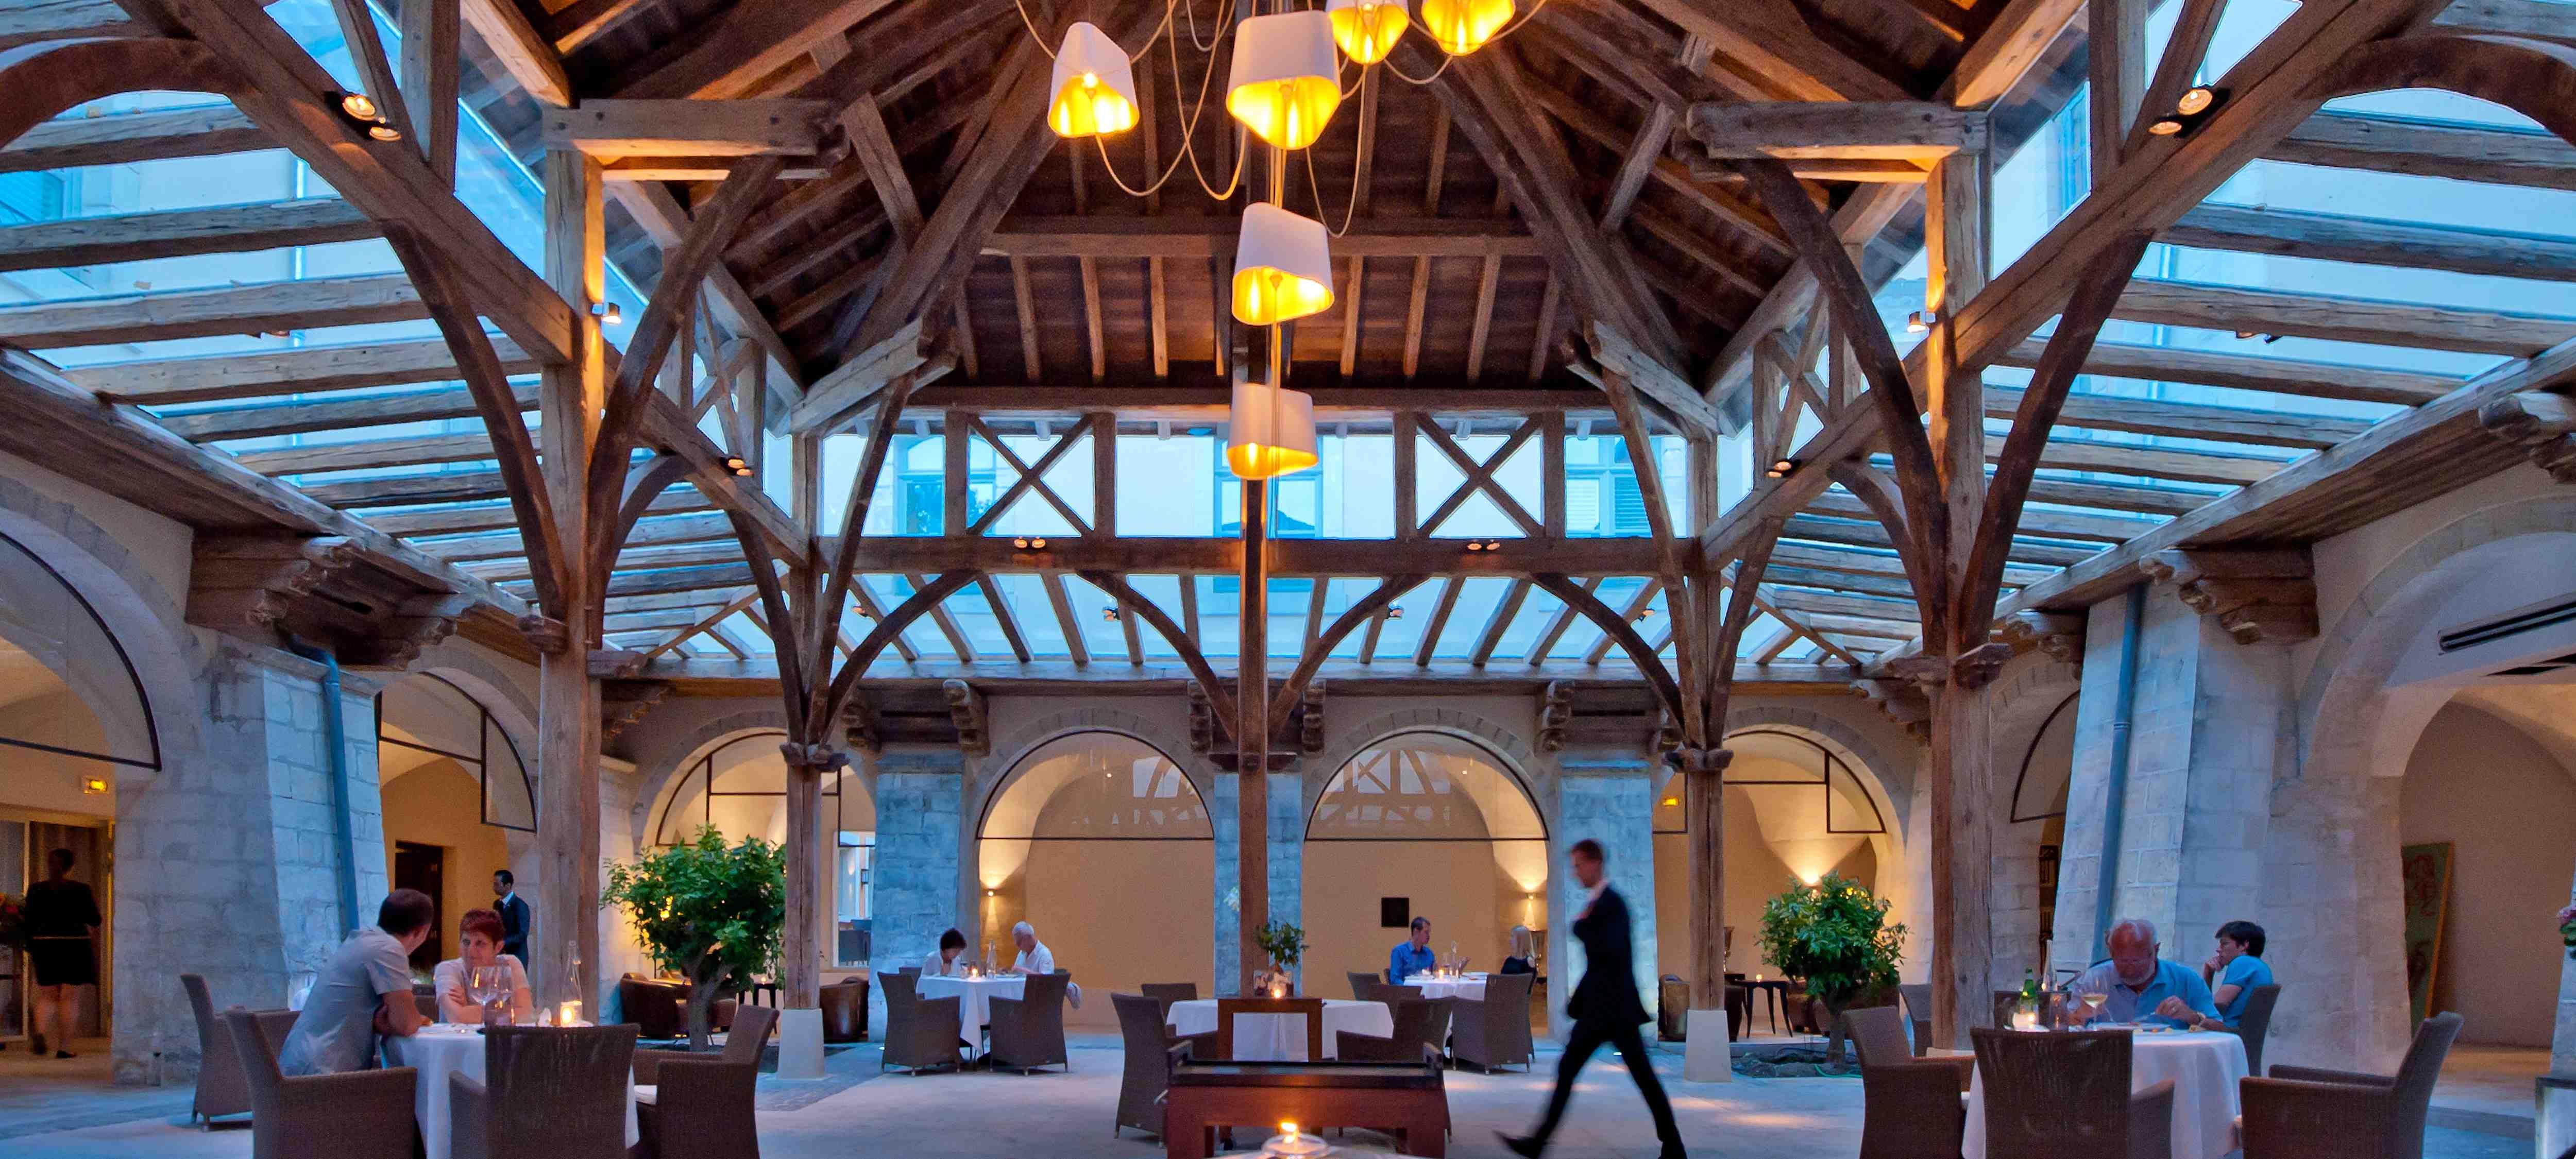 Le clôitre a déjà été couvert d'une magnifique structure en vieux bois pour accueillir un restaurant gastronomique de seulement 25 couverts dans 300 m2. ©DR/couvent des minimes.